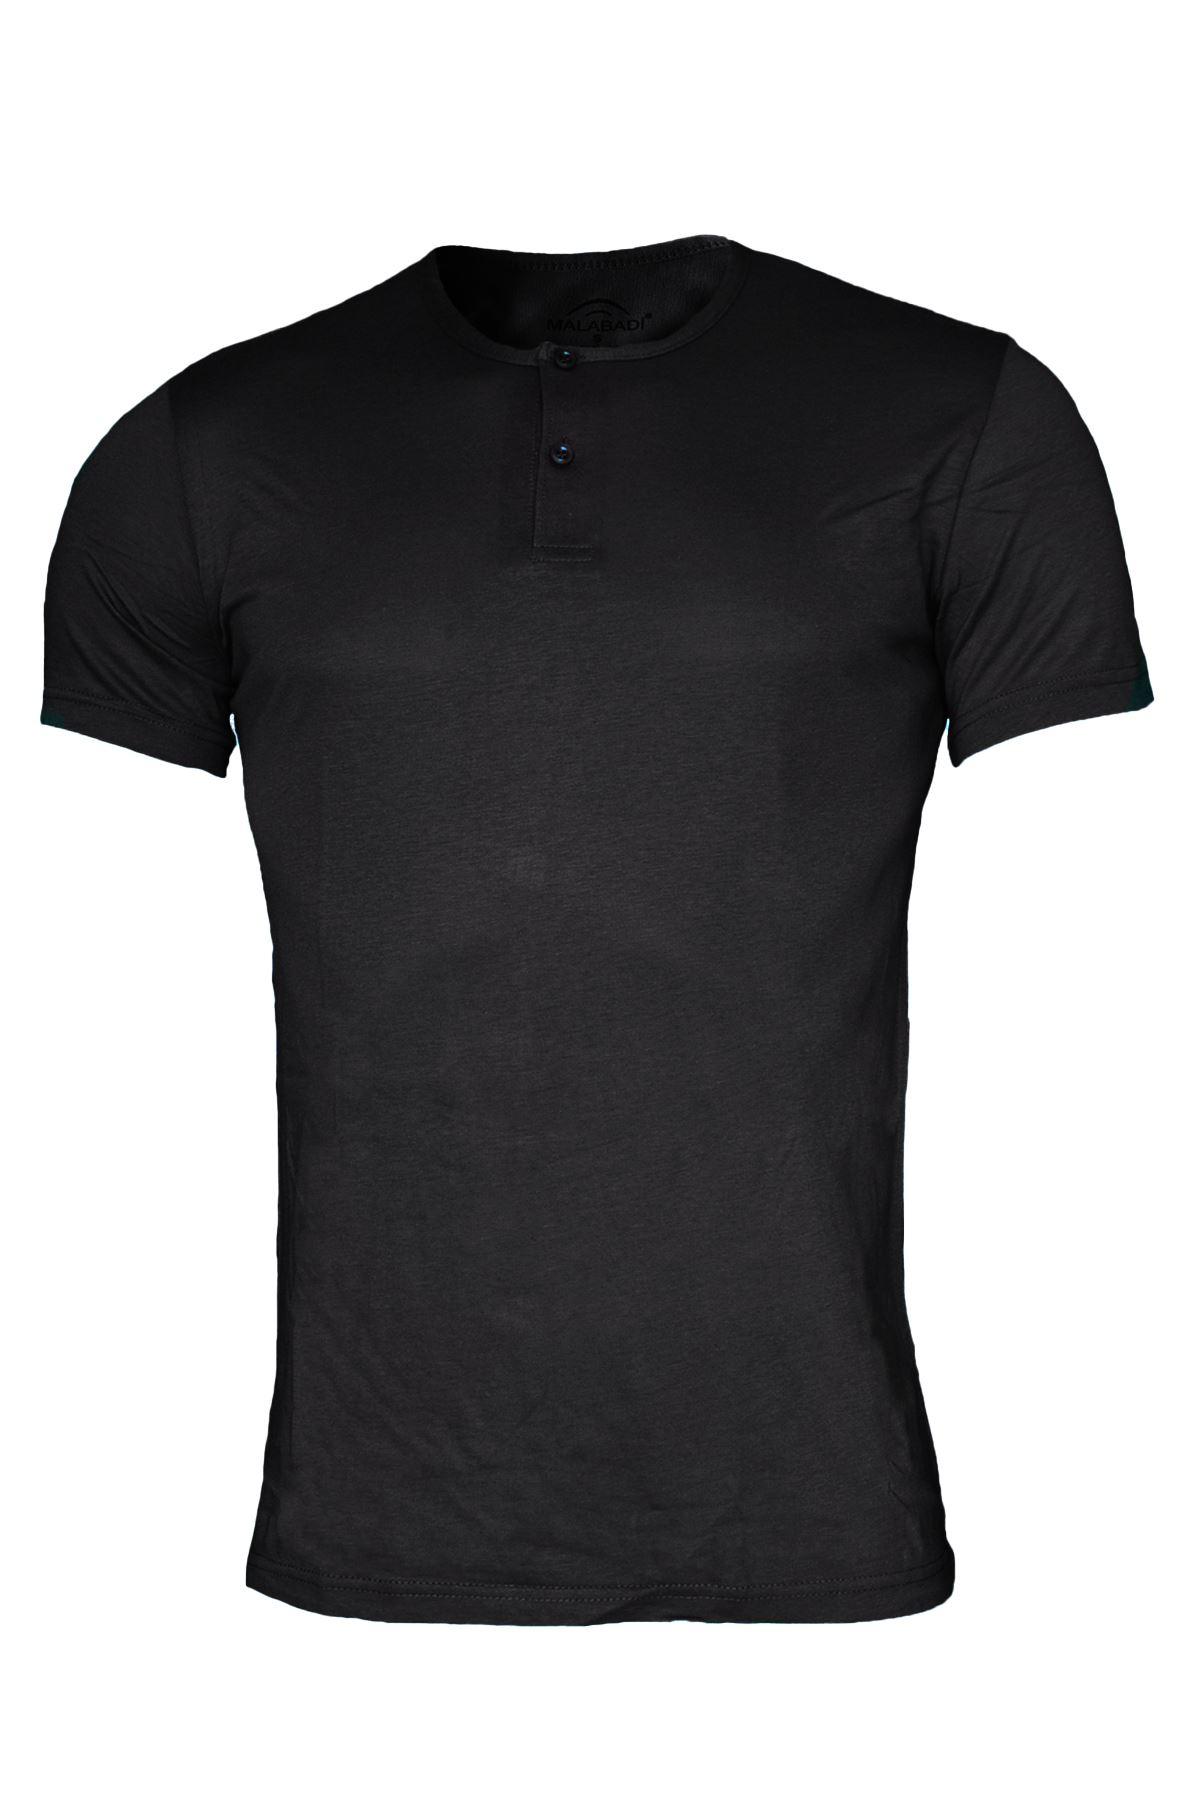 Malabadi Erkek 3 lü Paket Siyah-Beyaz-Antrasit Düğmeli Yaka İnce Modal Tişört 3M083